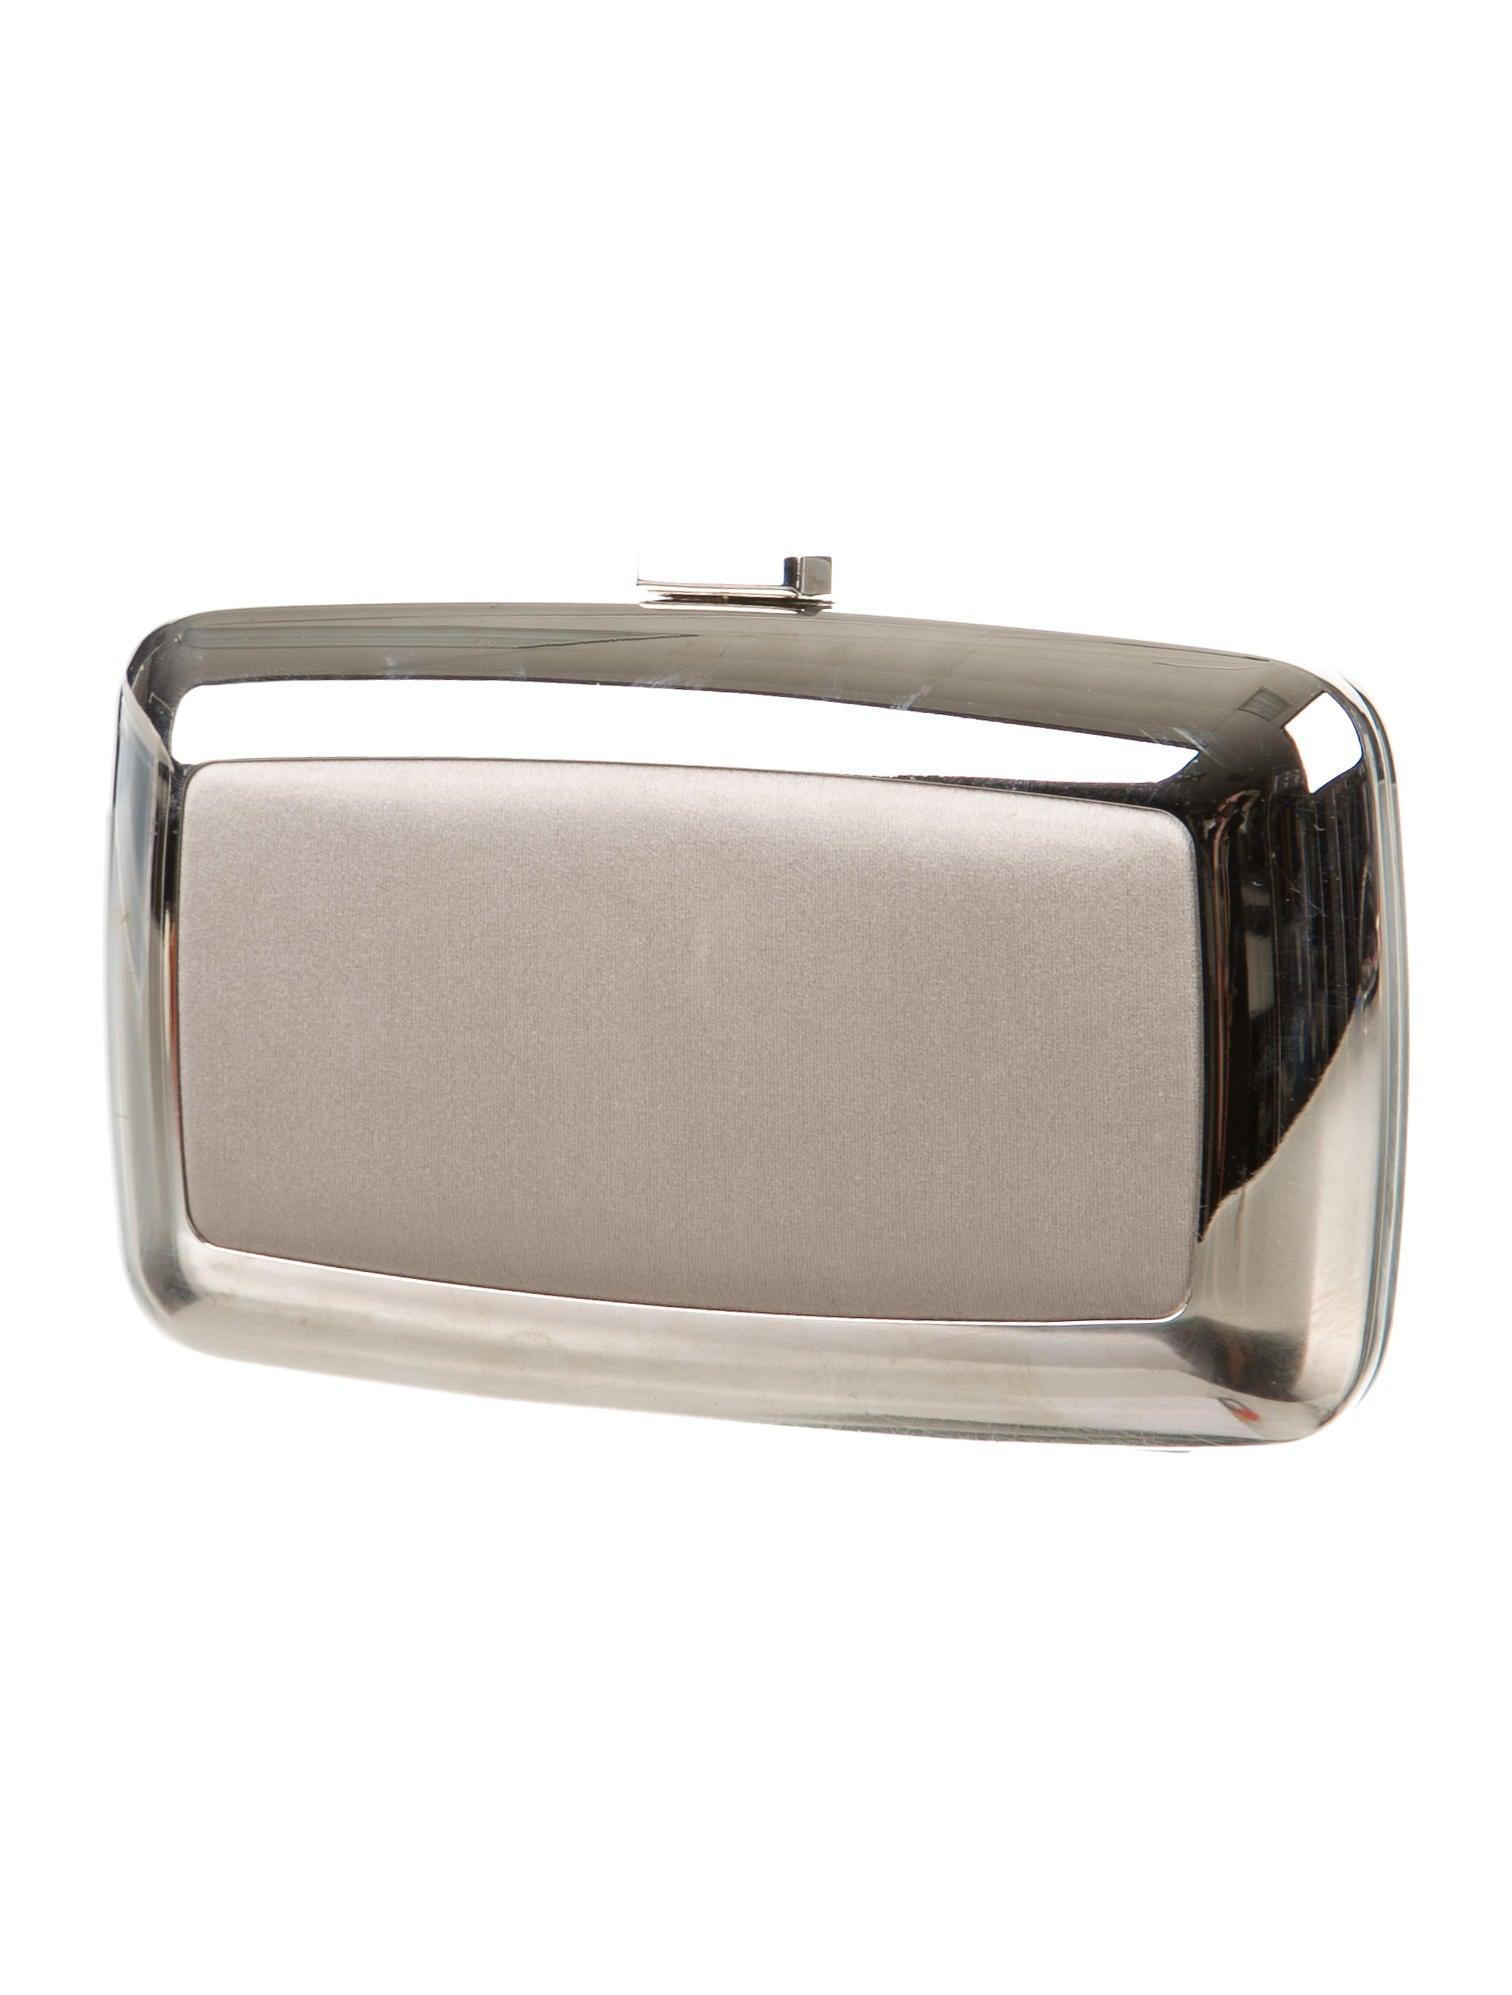 Roger Vivier Boite De Nuit Clutch Handbags Rov23310